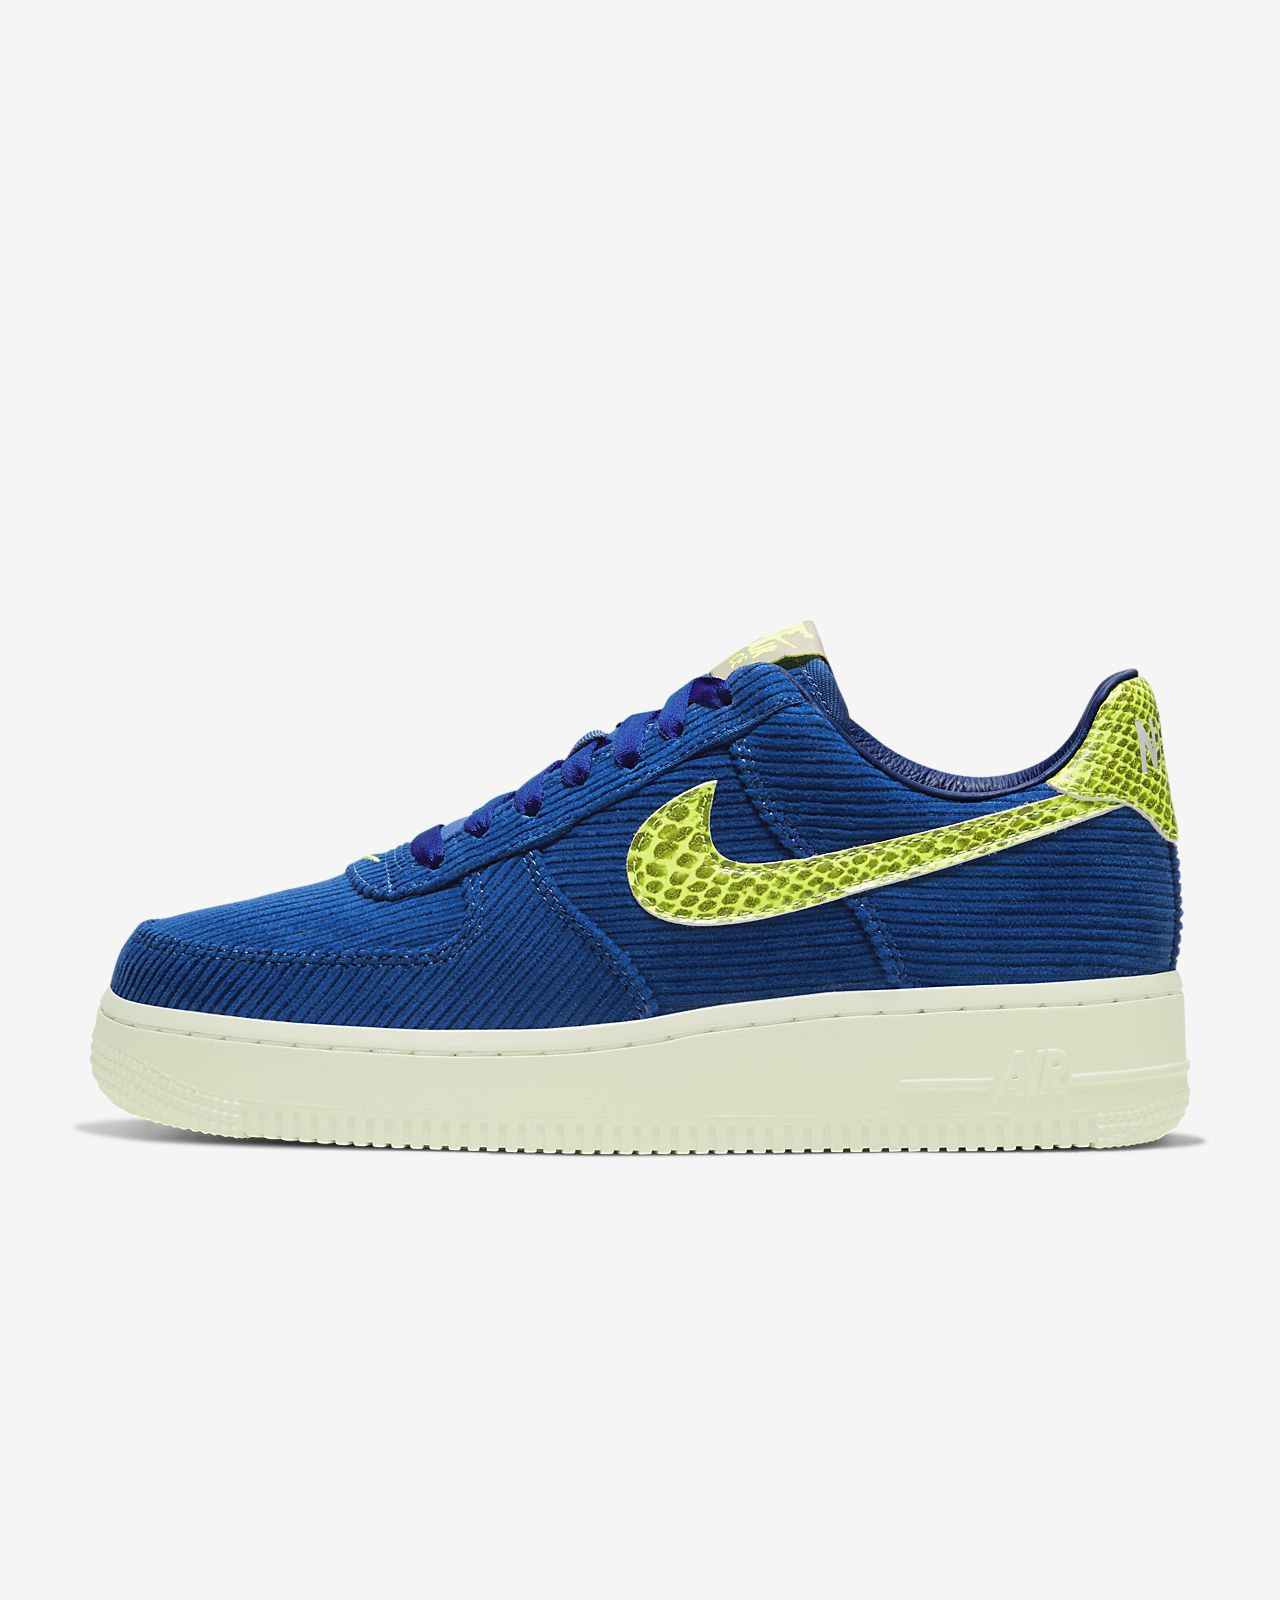 Nike x Olivia Kim Air Force 1 '07 Shoe